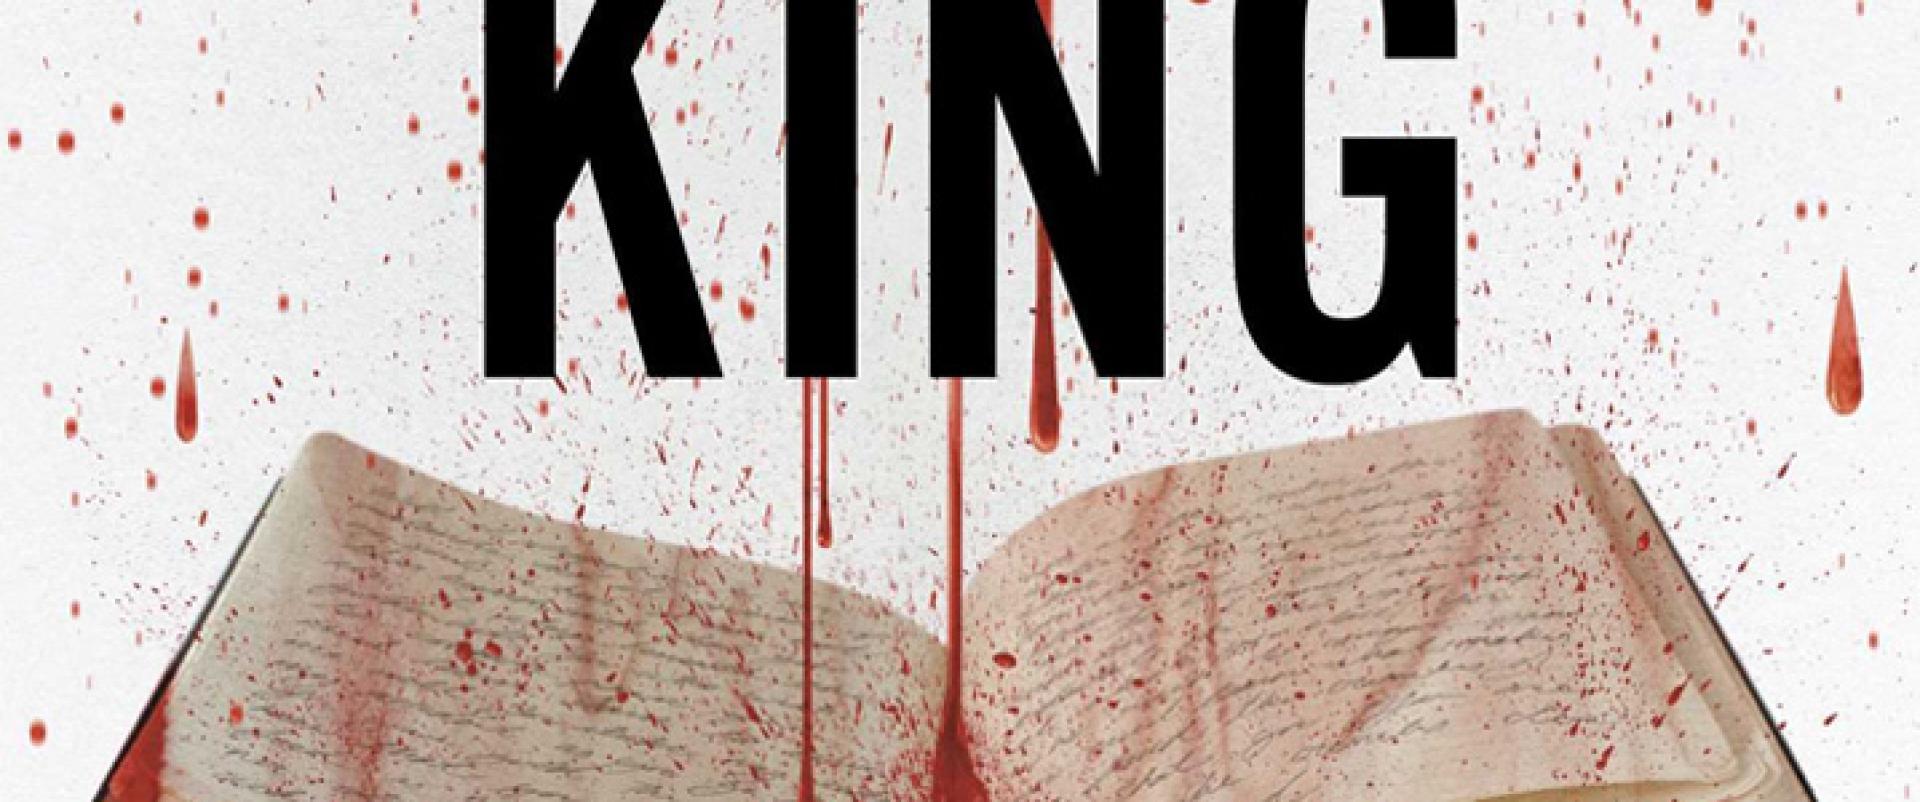 Stephen King: Finders Keepers - Aki kapja, marja (2015)